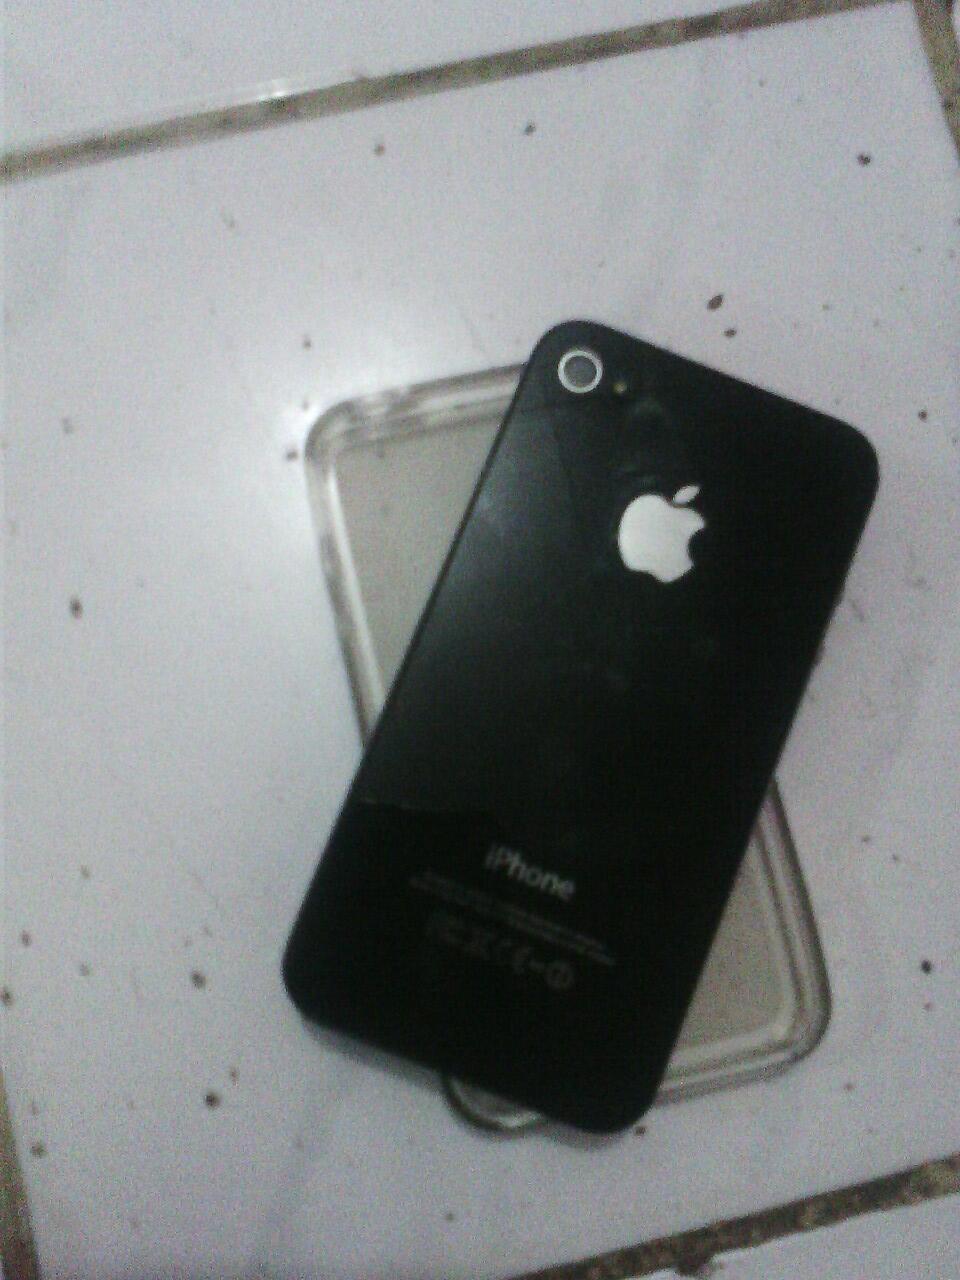 WTS WTB WTT replika iphone 4s murah sekarangggggggggggggg